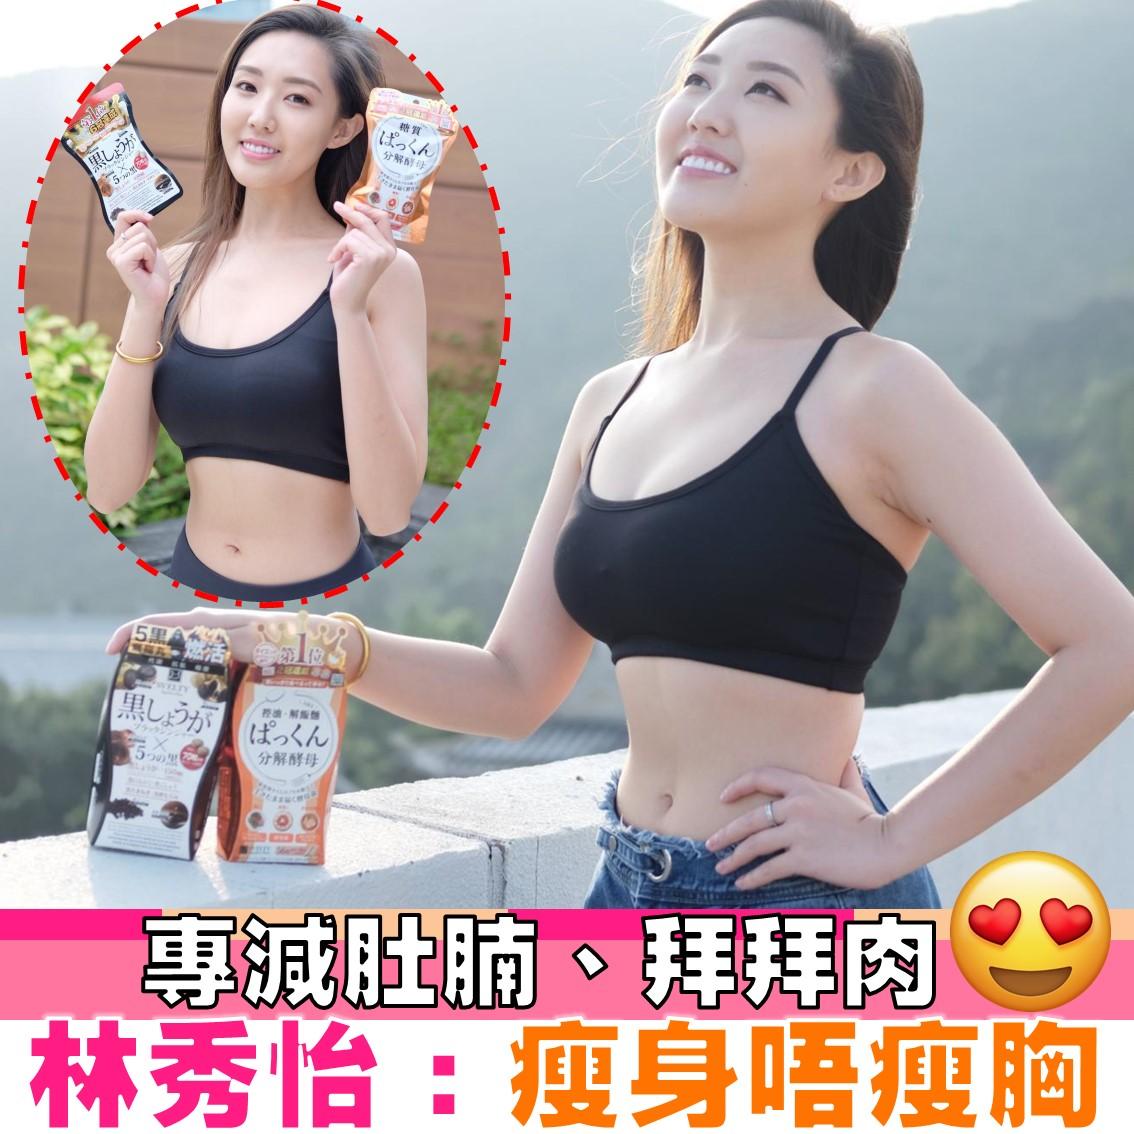 林秀怡真人實證: 只減肚腩&拜拜肉,真正瘦身唔瘦胸!